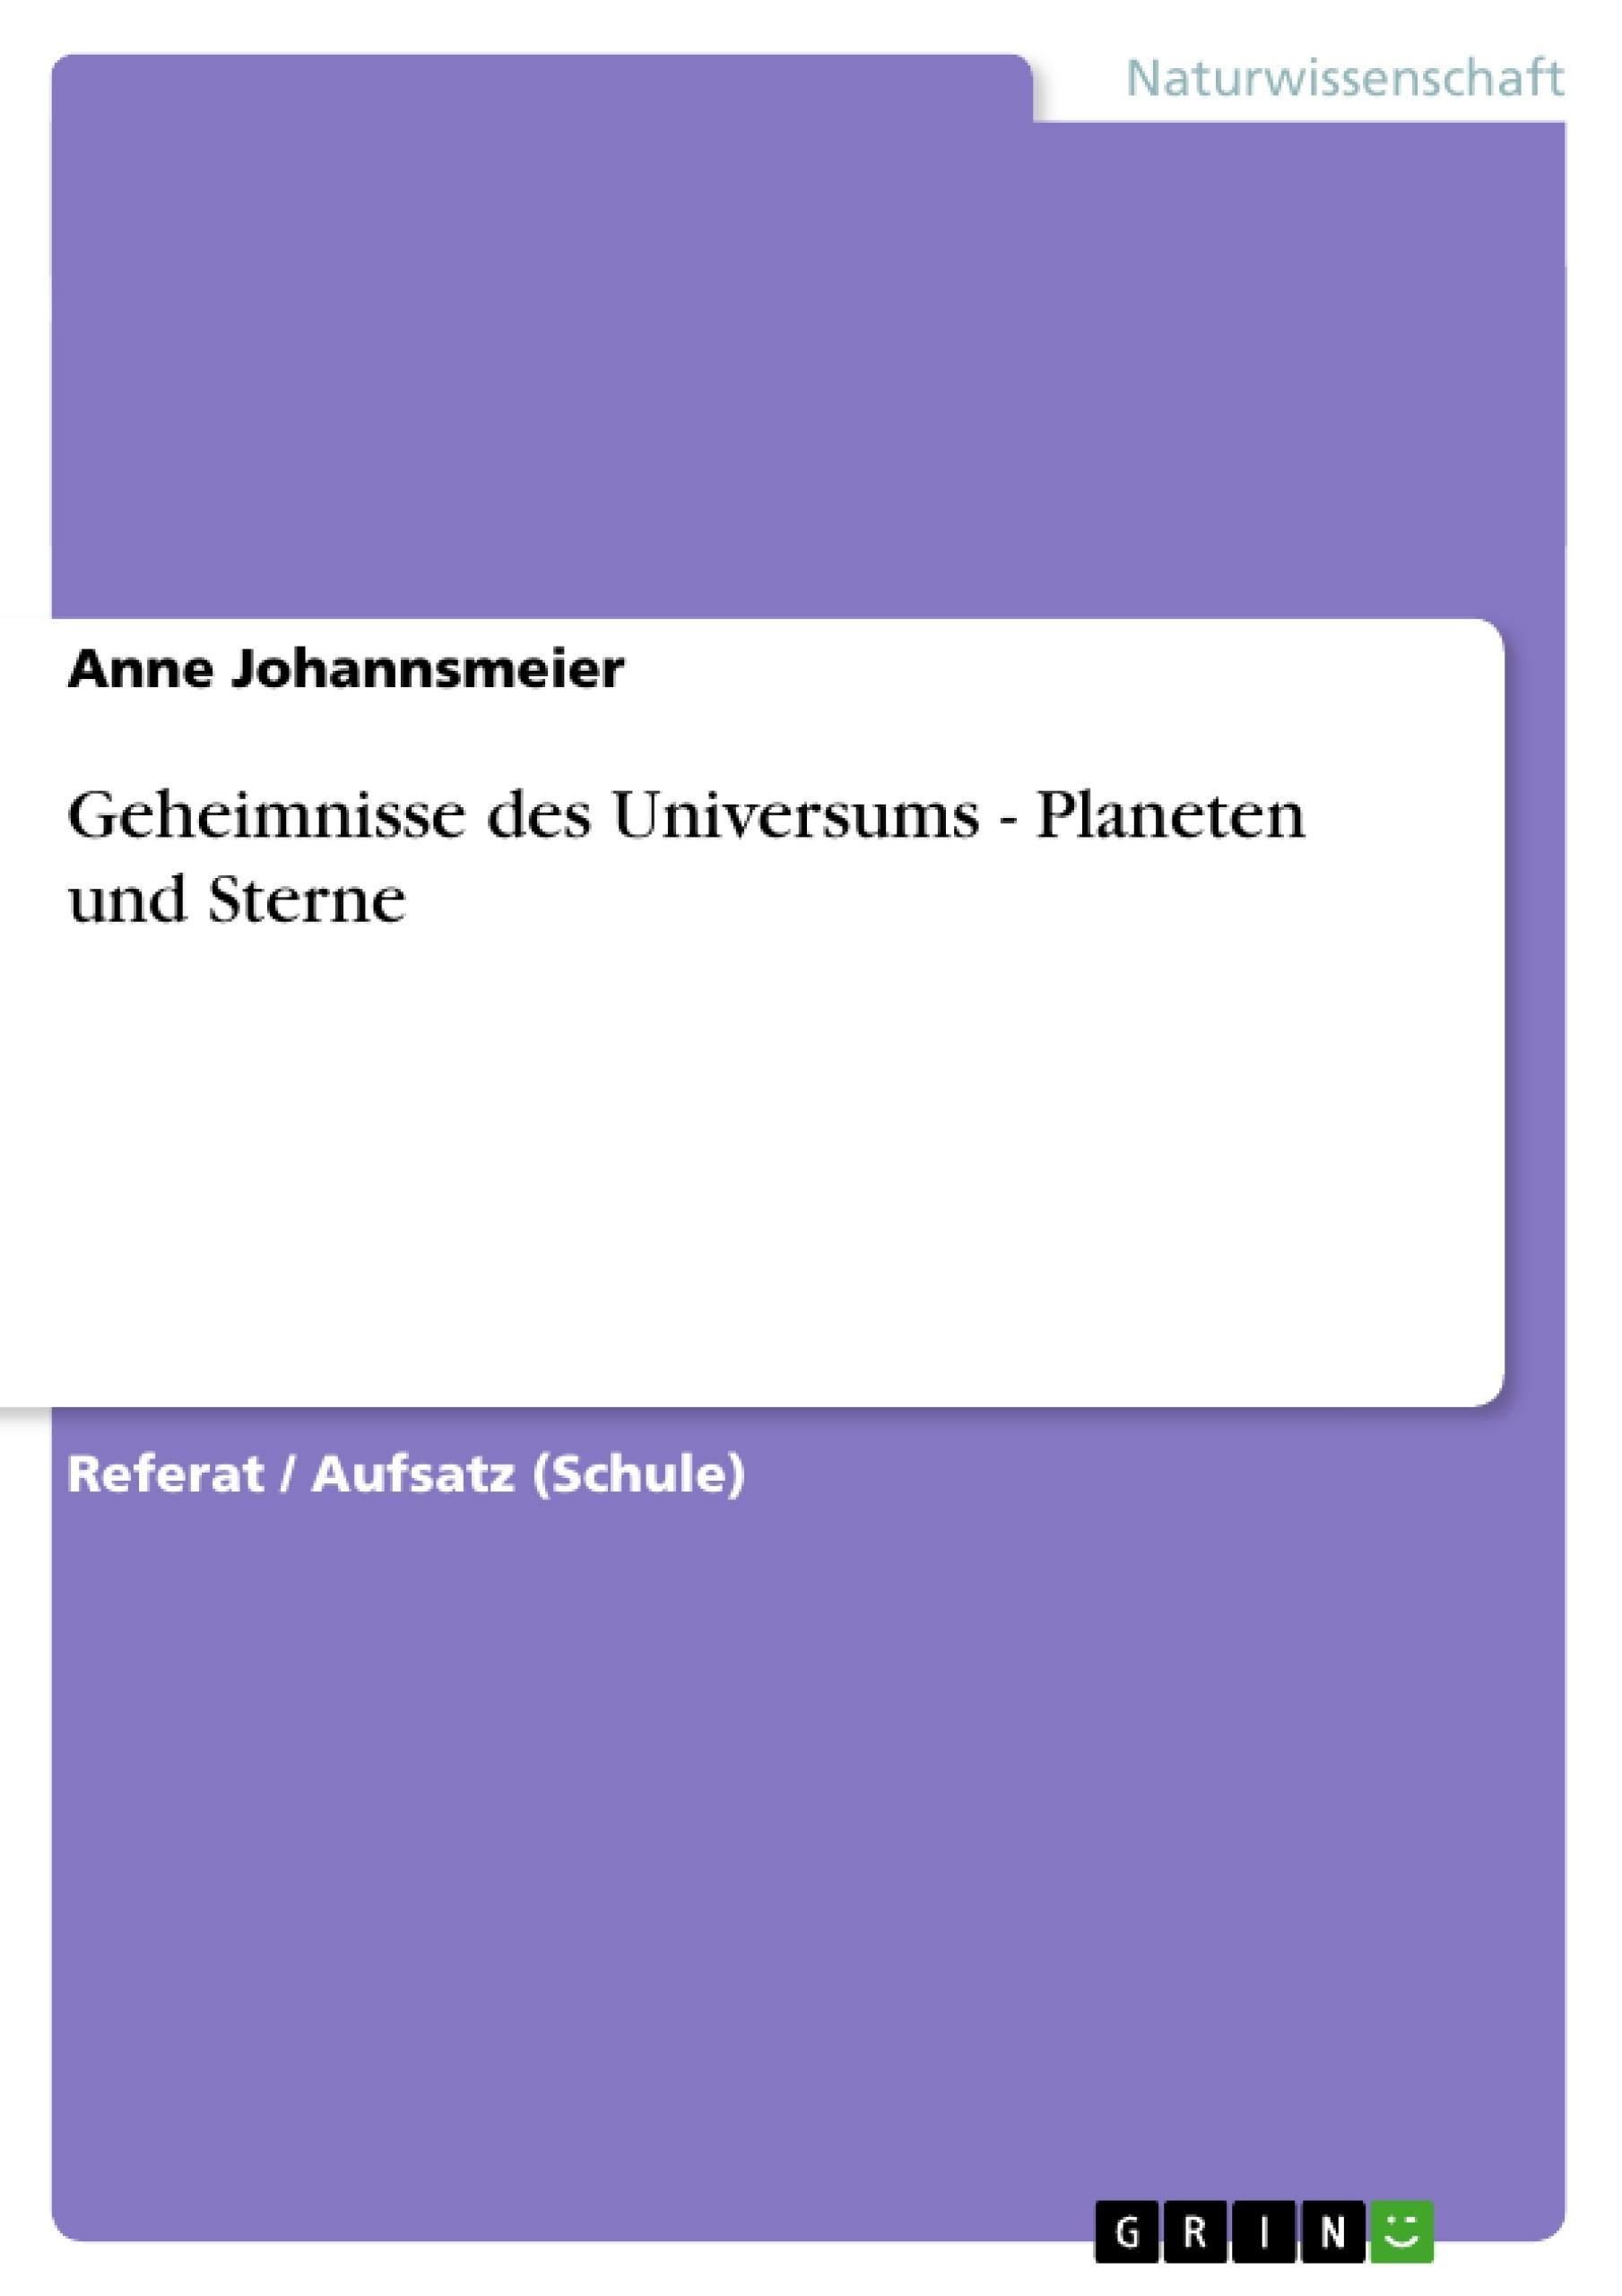 Titel: Geheimnisse des Universums - Planeten und Sterne